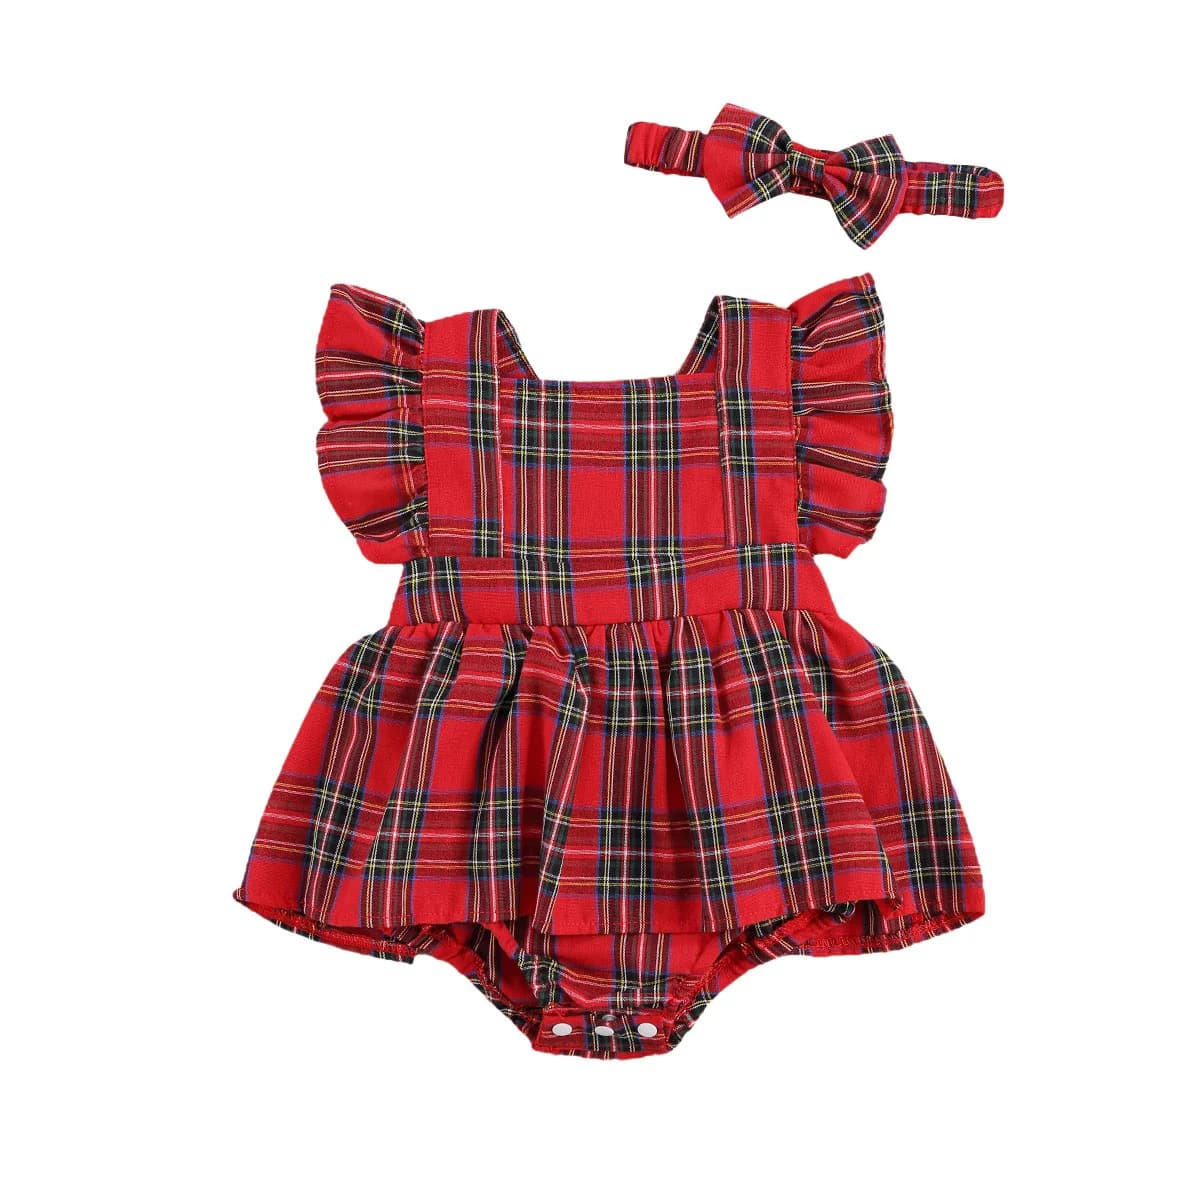 для девочек в клетку Составной комплект Боди Платье & Ободок для волос от SHEIN